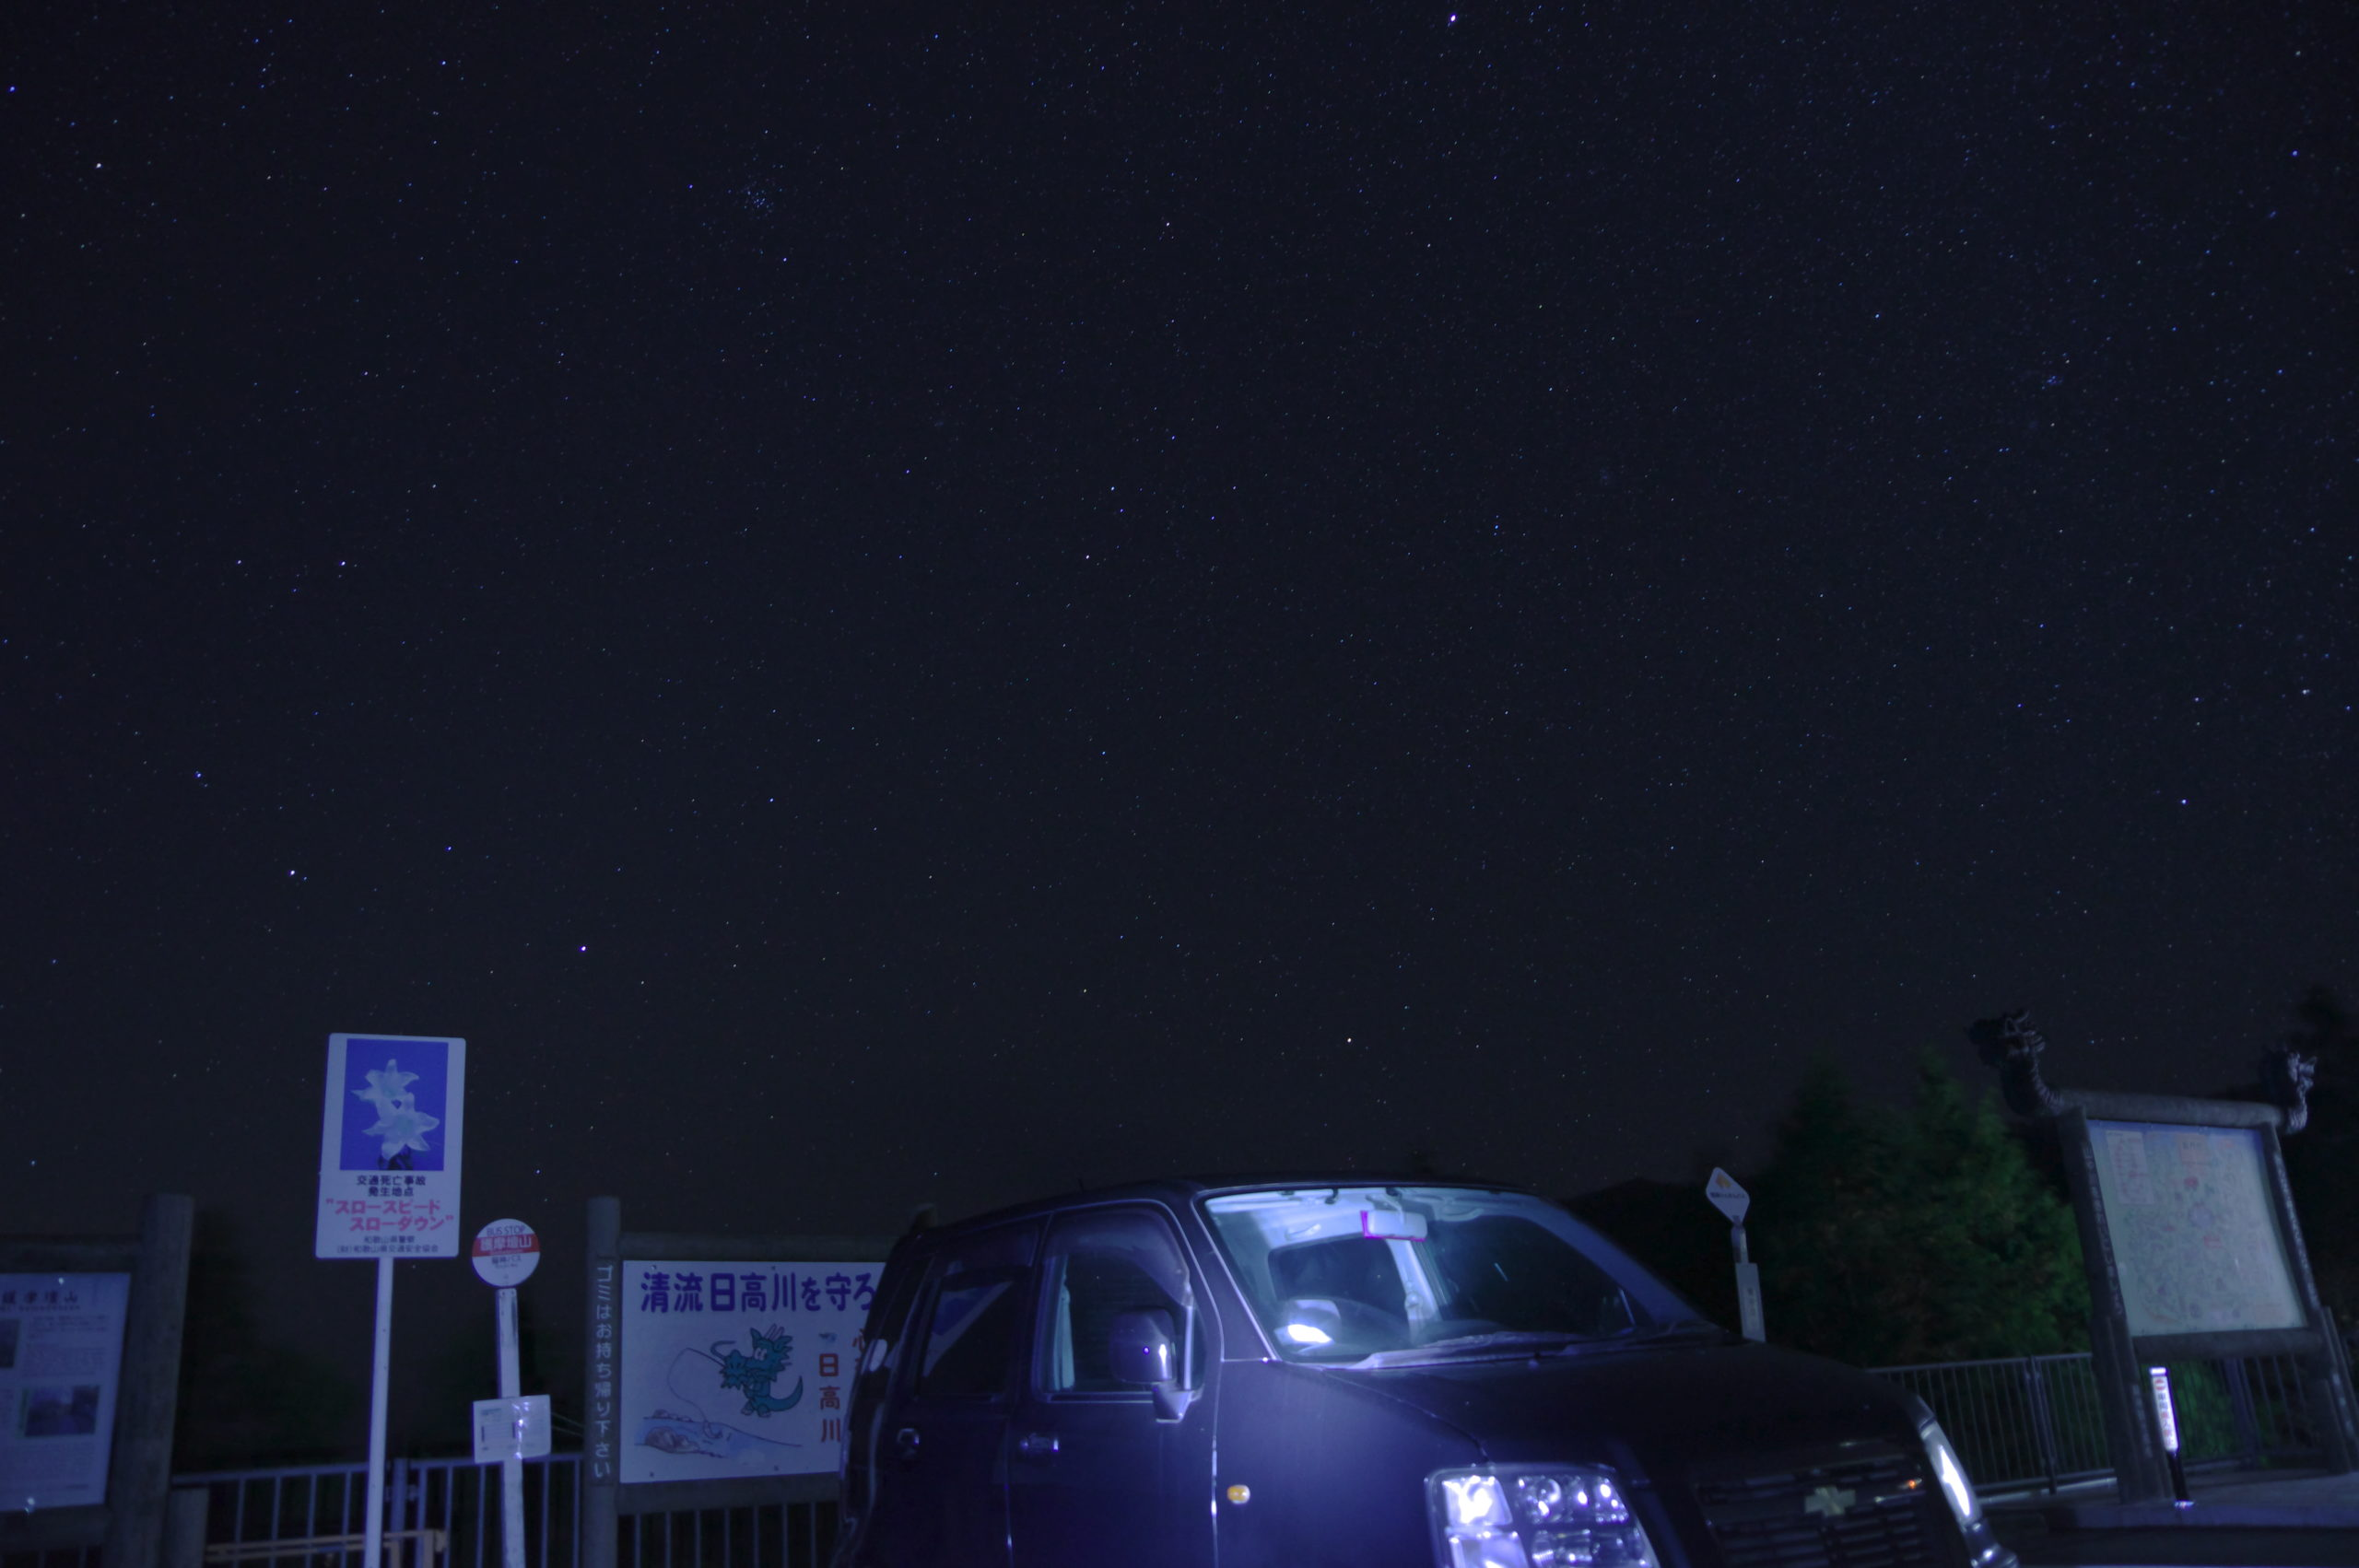 護摩山スカイタワーの星空